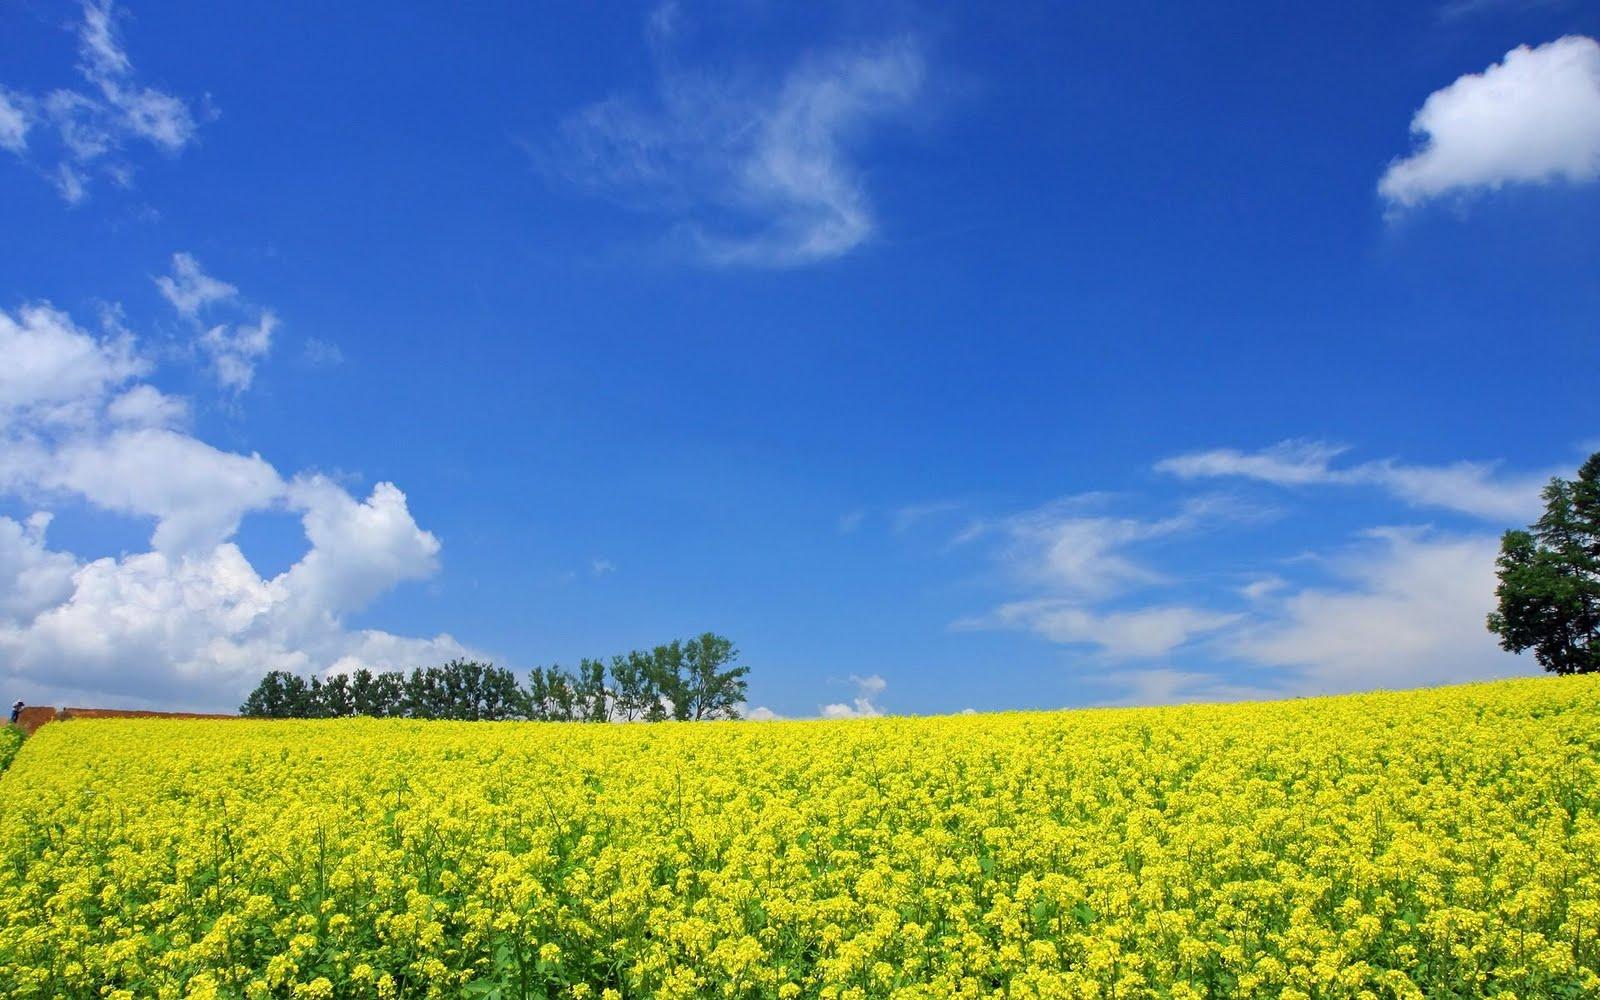 japan hokkaido landscape image - photo #13